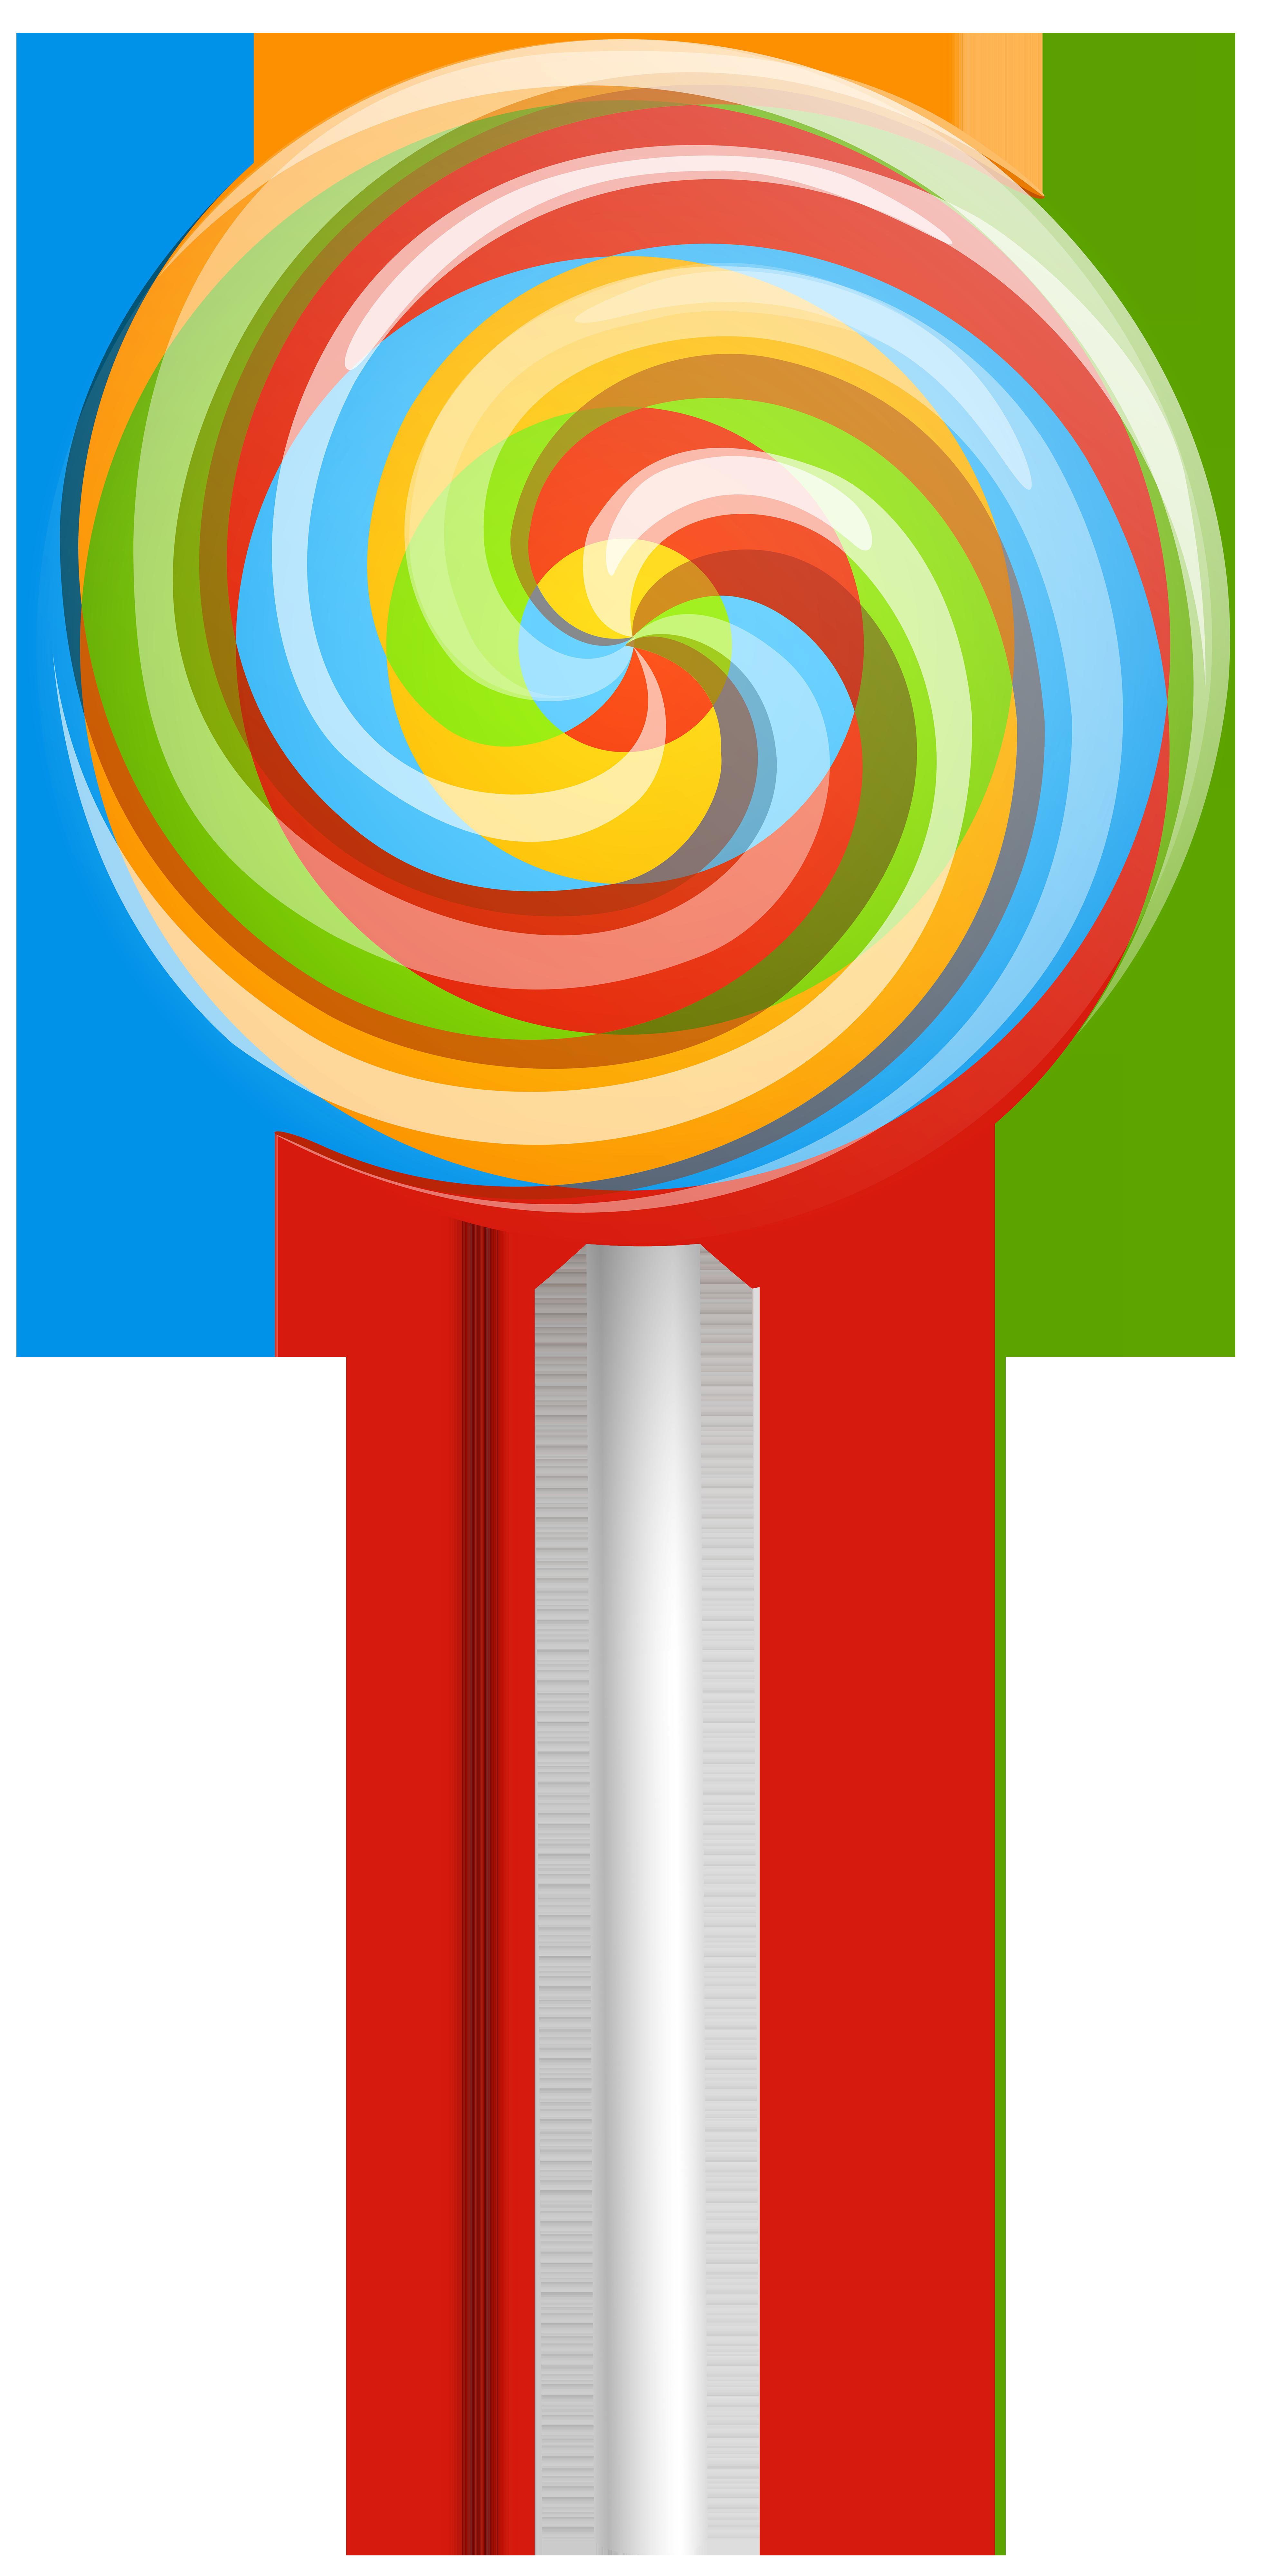 pin by reclame quintens on sdfvqsd pinterest swirl lollipops rh pinterest co uk Lollipop Word Lollipop Icon